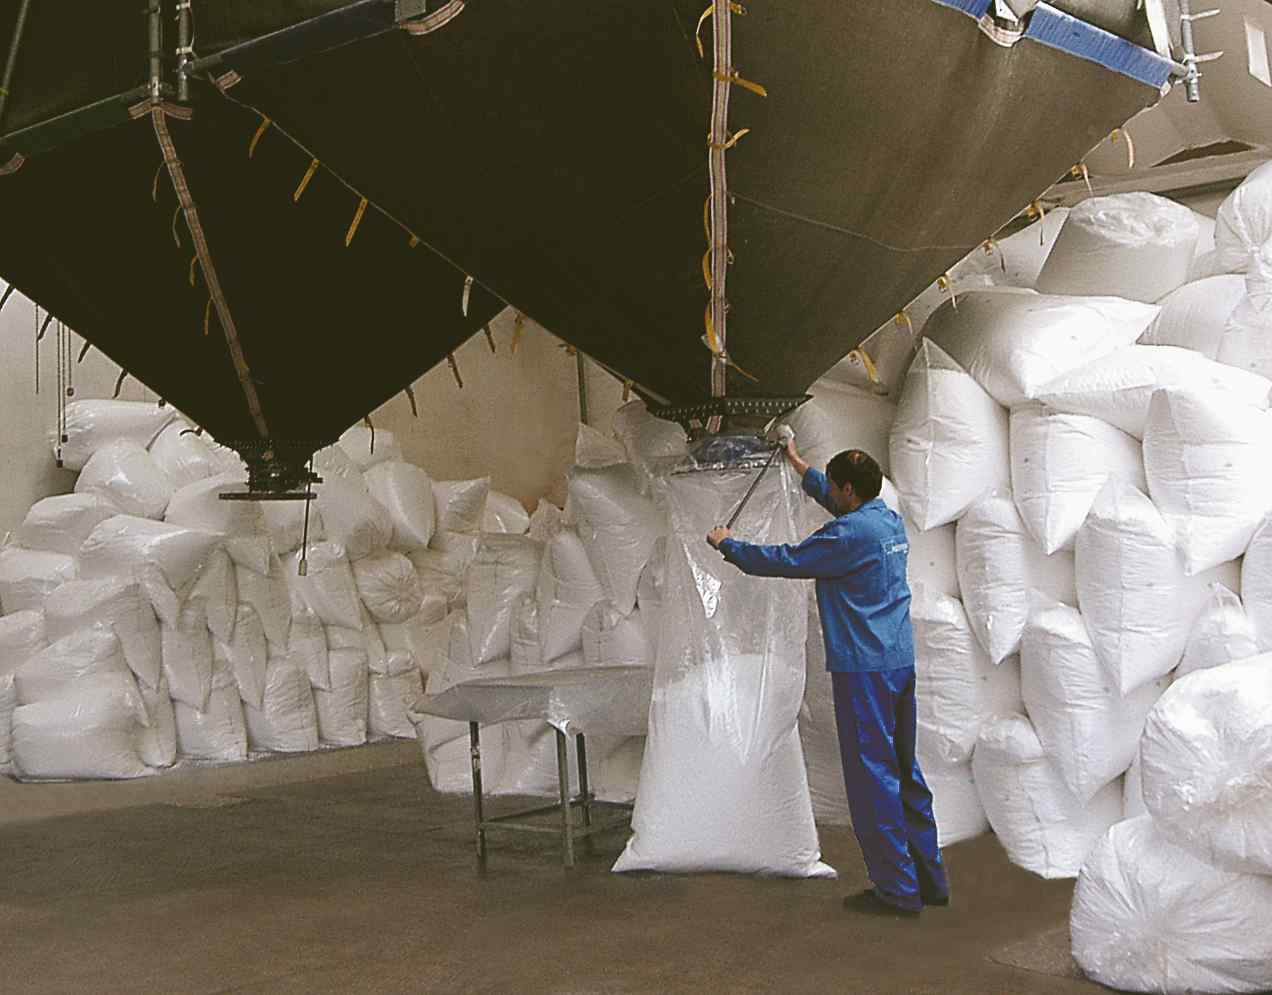 Recyklovanie polystyrénu